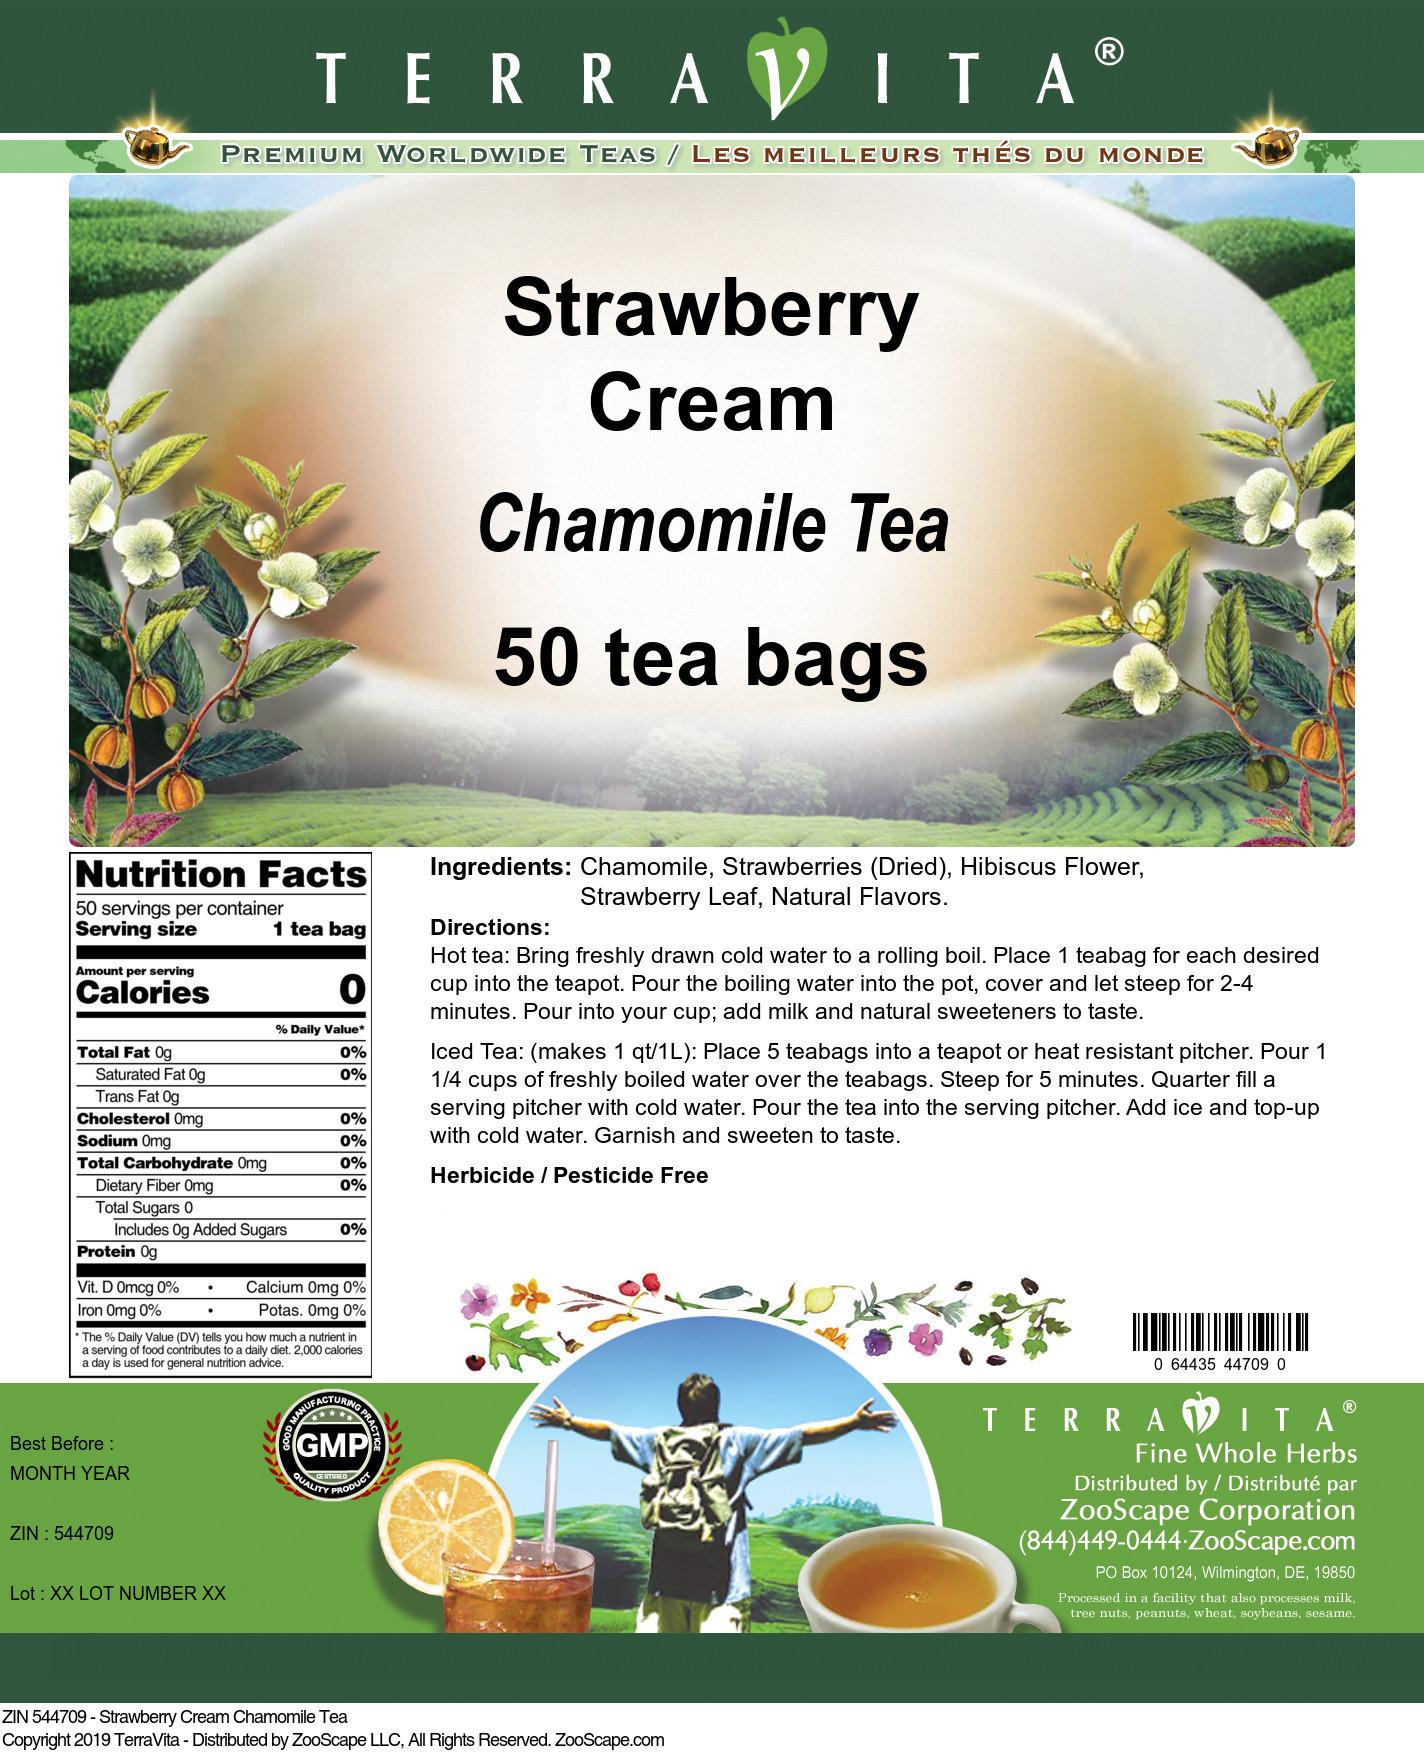 Strawberry Cream Chamomile Tea